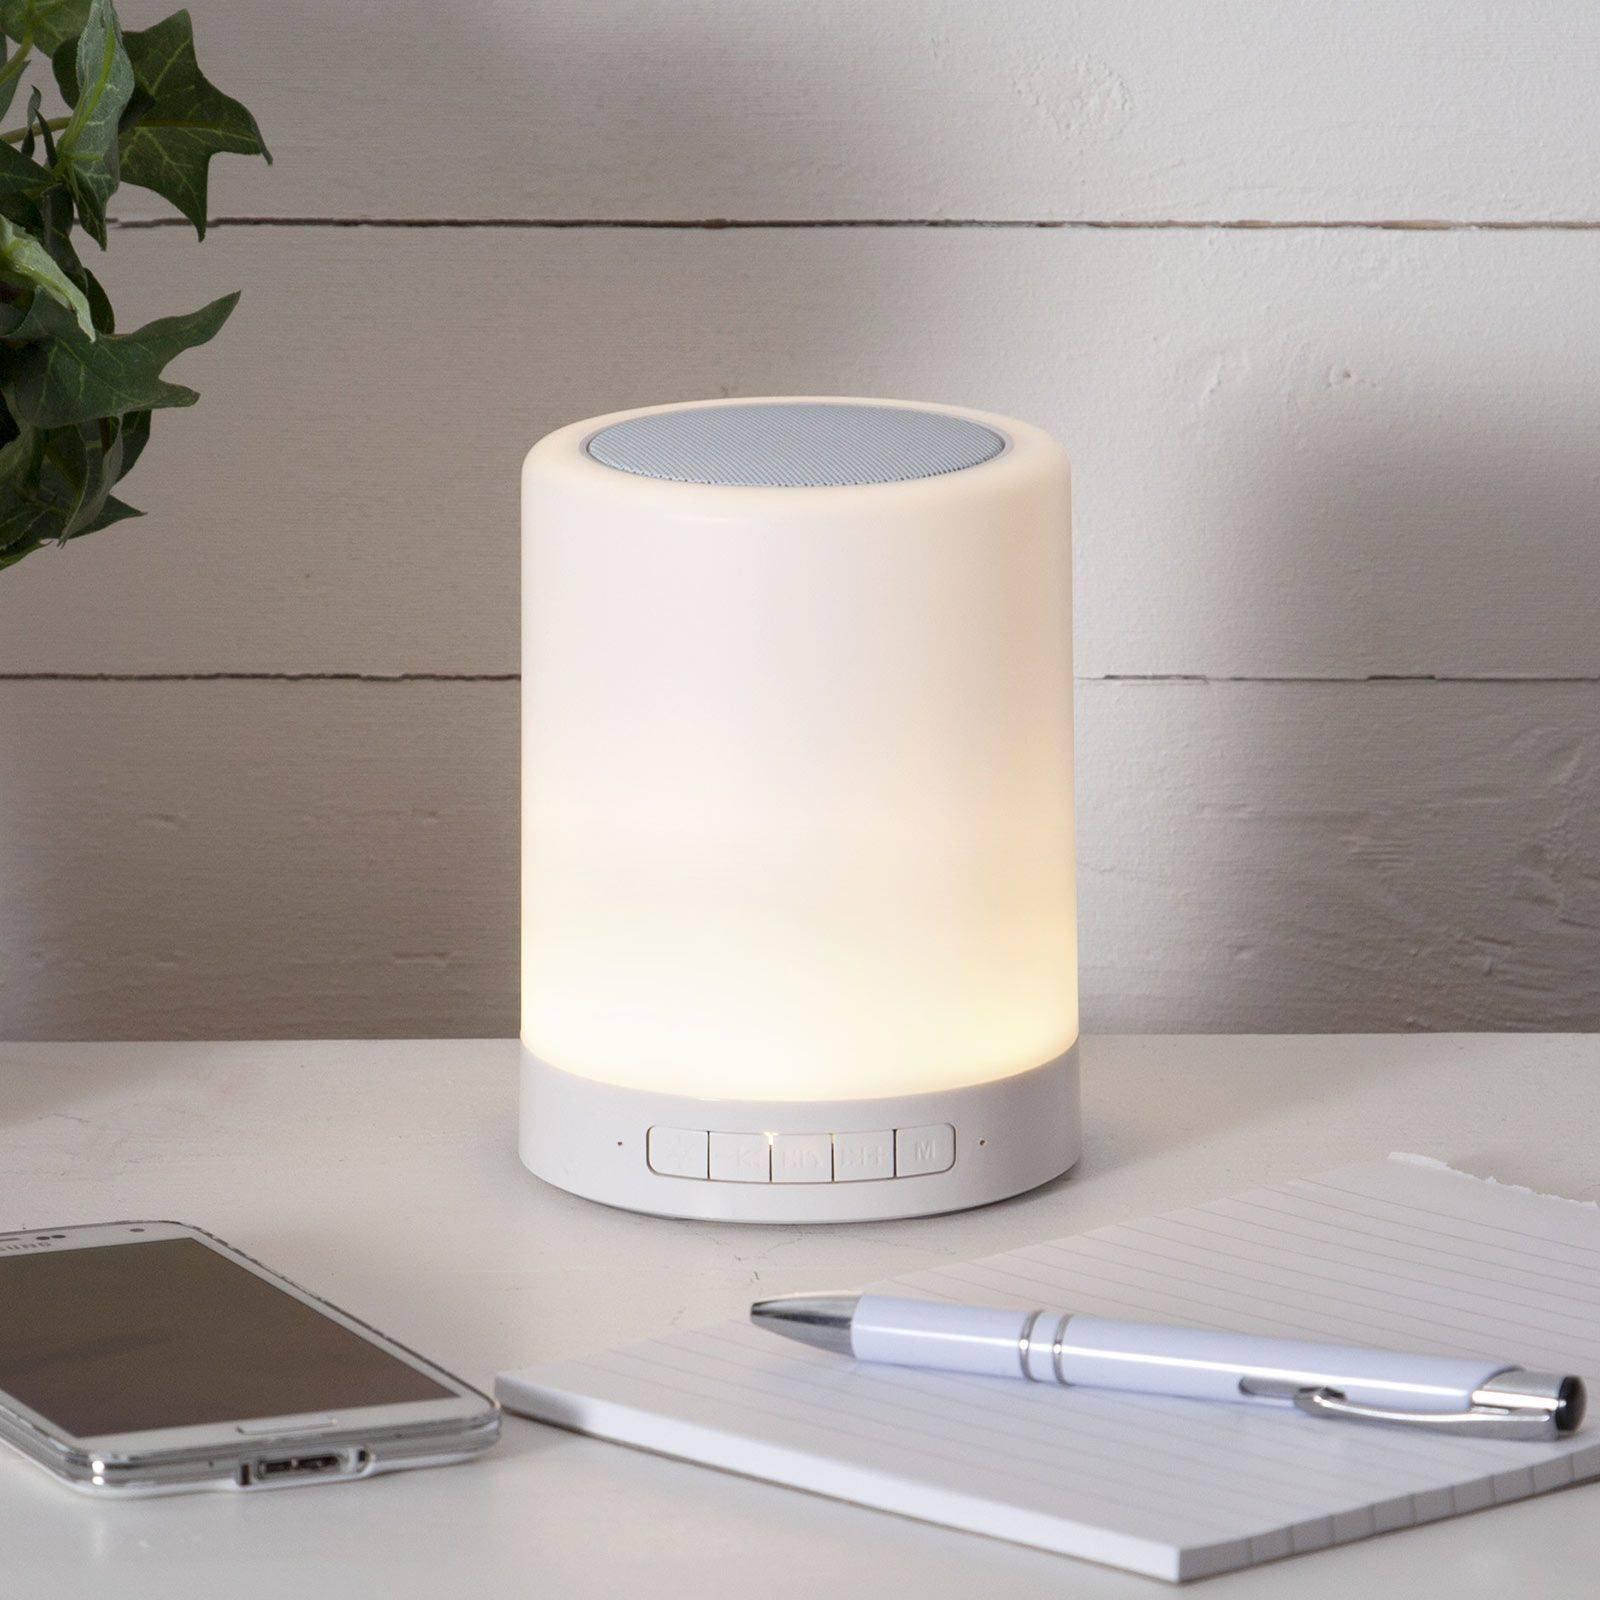 LED-bordlampe 362-81 med RGBW og høyttaler